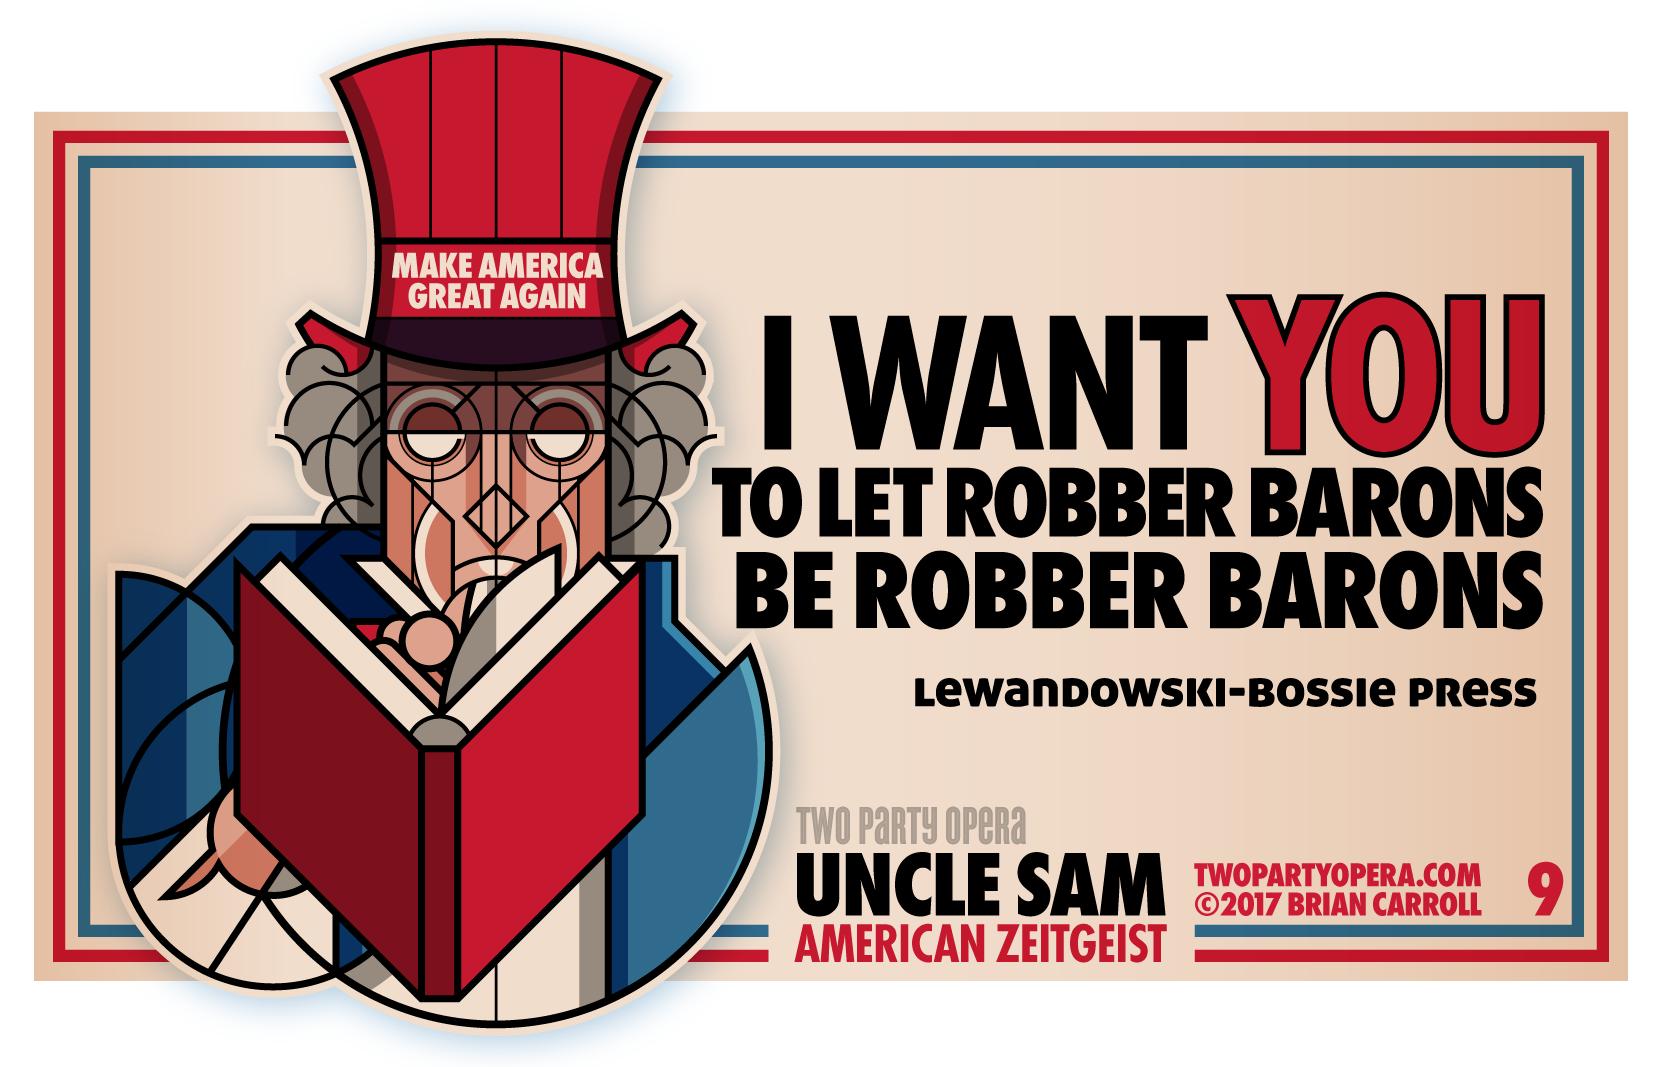 Uncle Sam: American Zeitgeist – 9